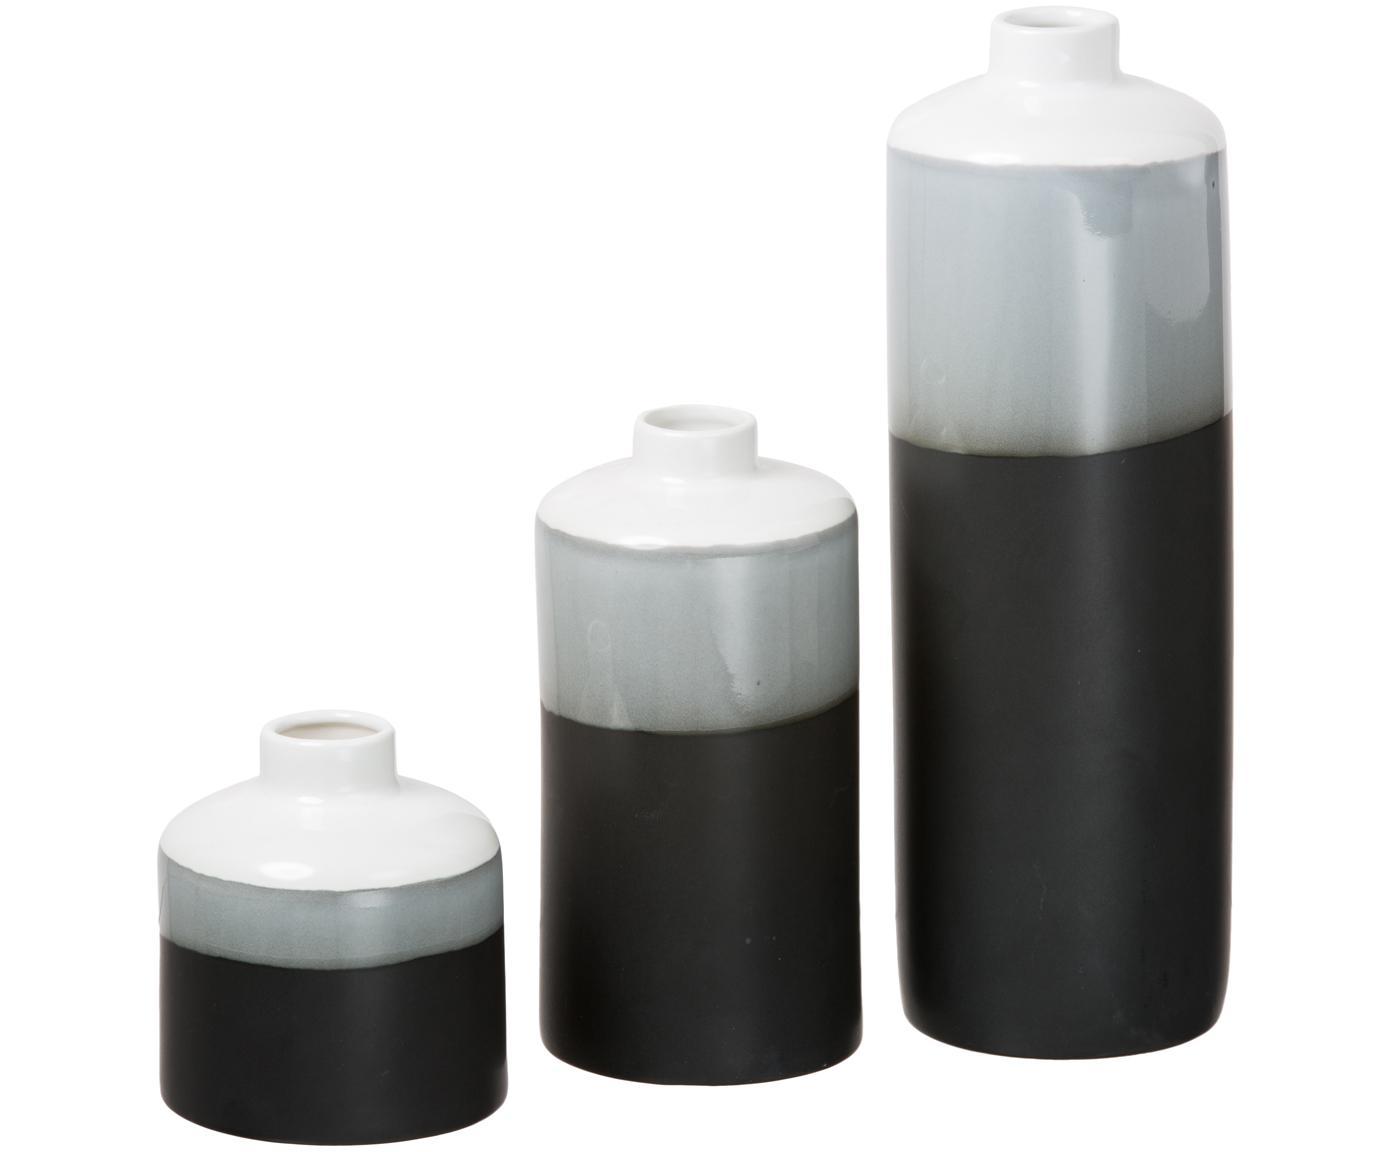 Komplet wazonów z porcelany Brixa, 3 elem., Porcelana, Czarny, szary, biały, matowy, Różne rozmiary